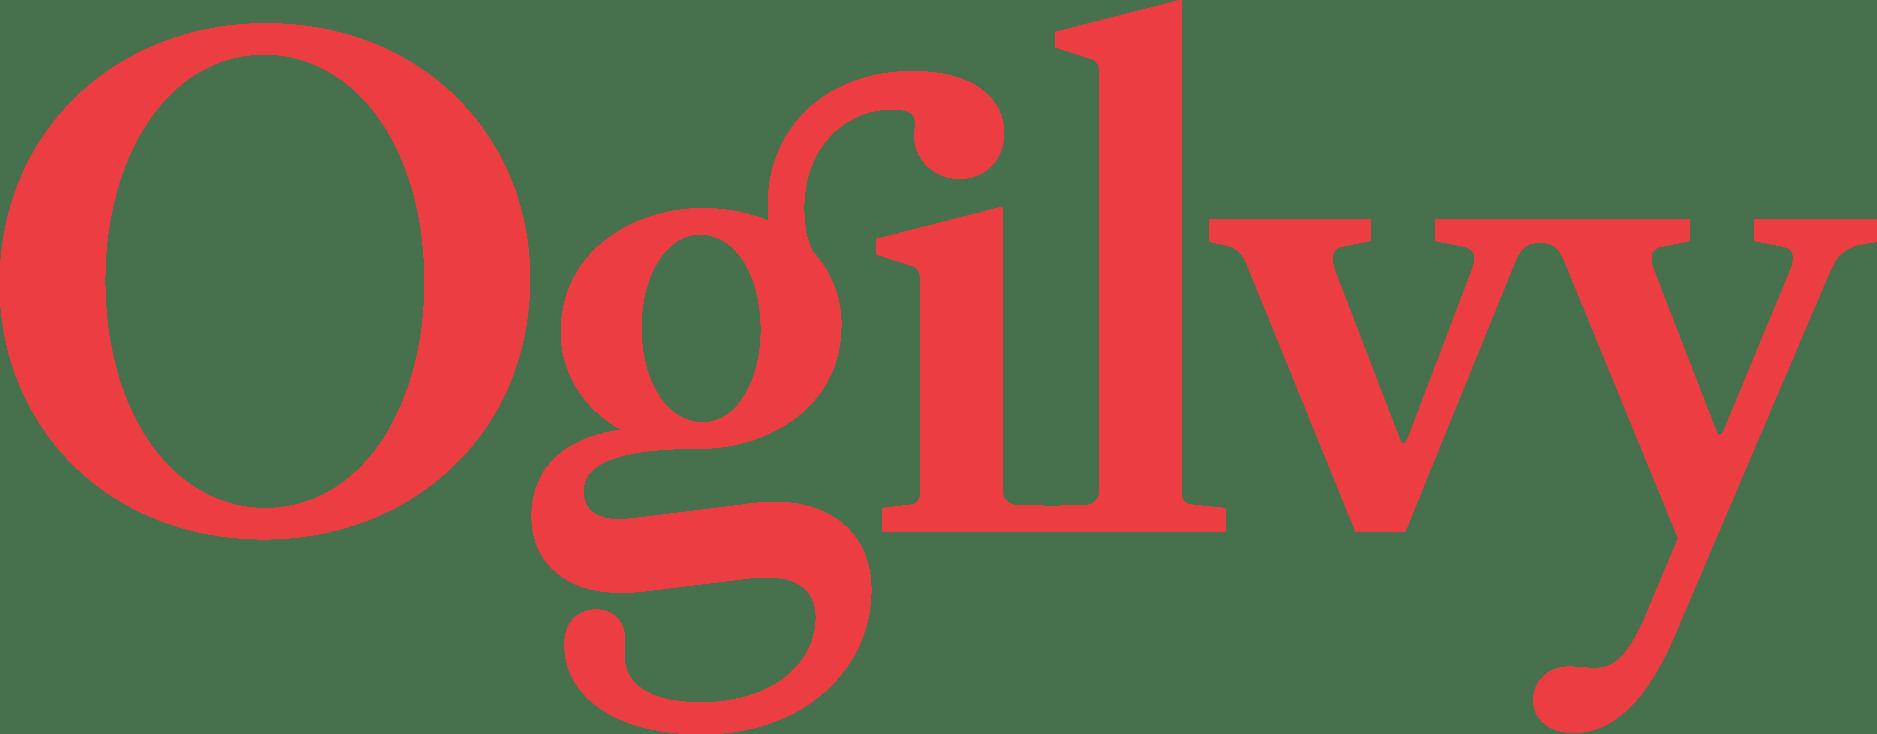 Logo Ogilvy